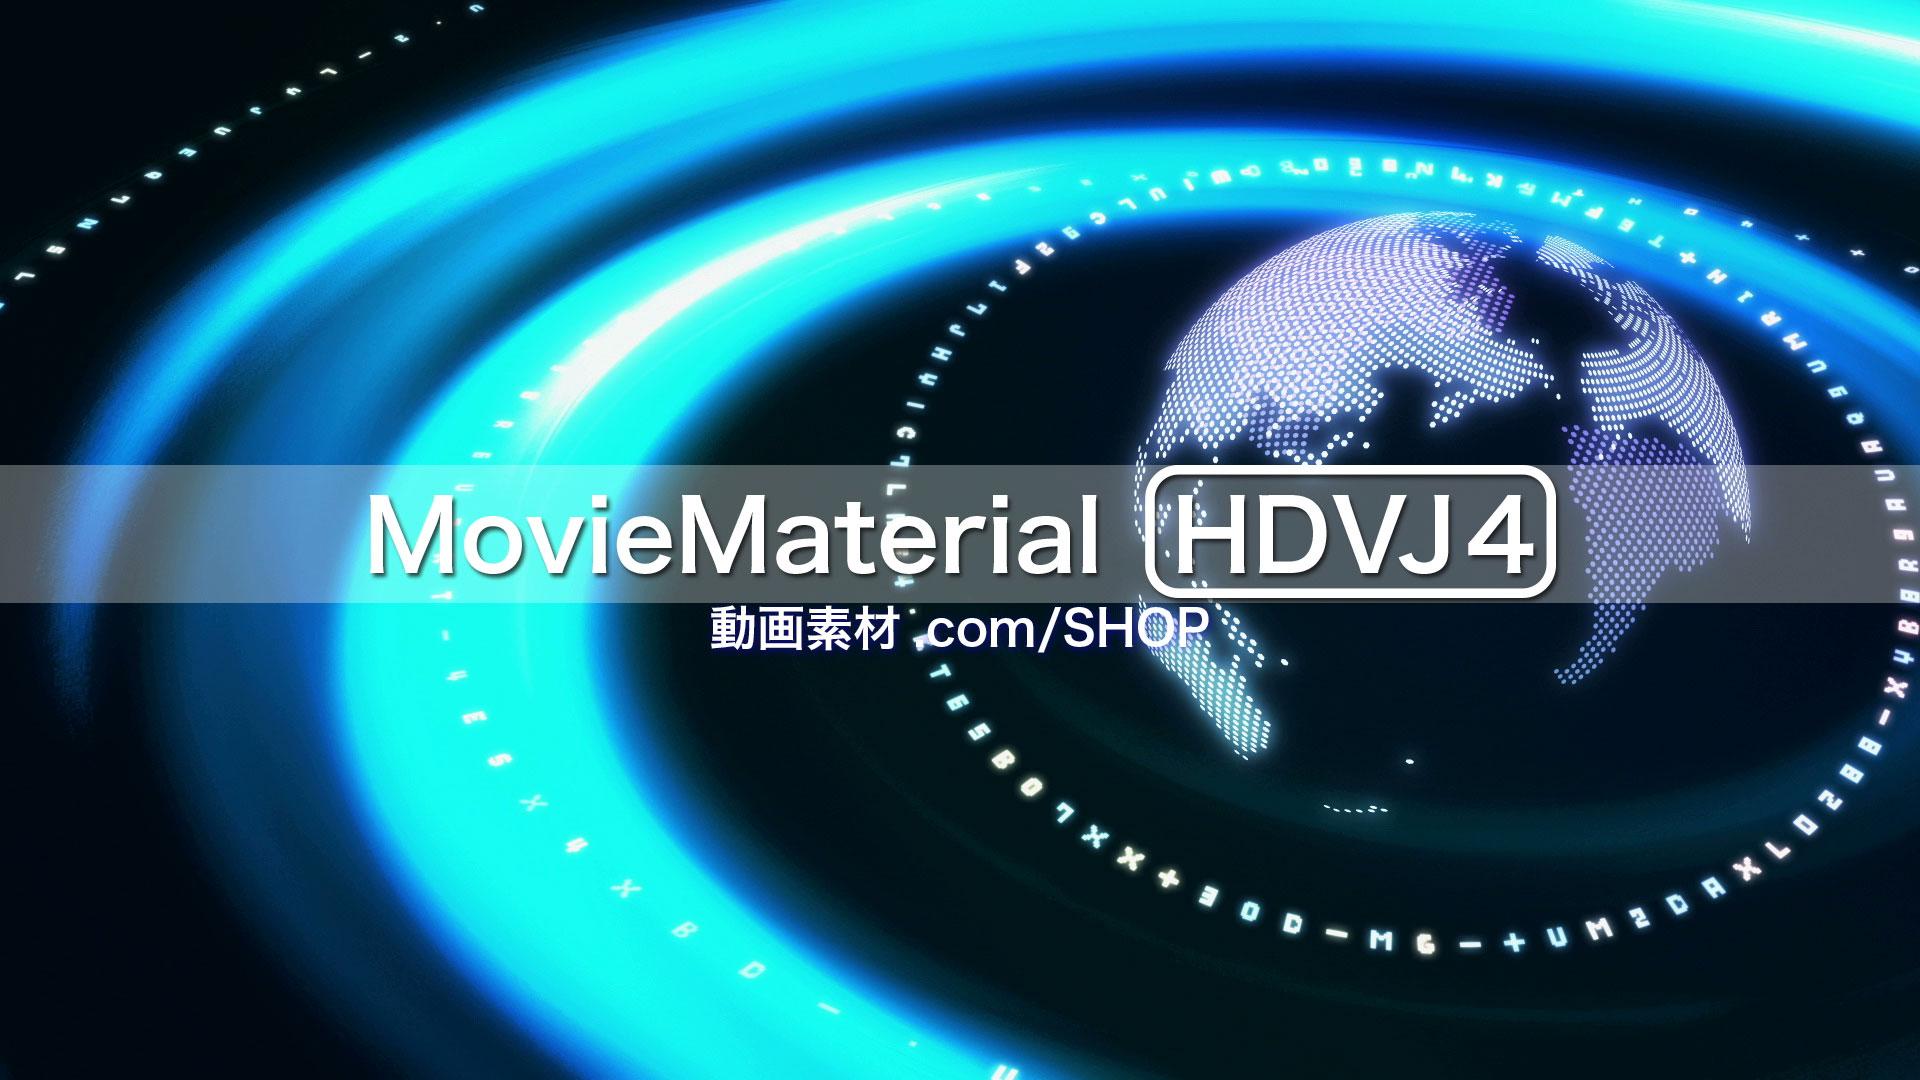 フルハイビジョン動画素材集第4段【MovieMaterial HDVJ4】ロイヤリティフリー(著作権使用料無料)1